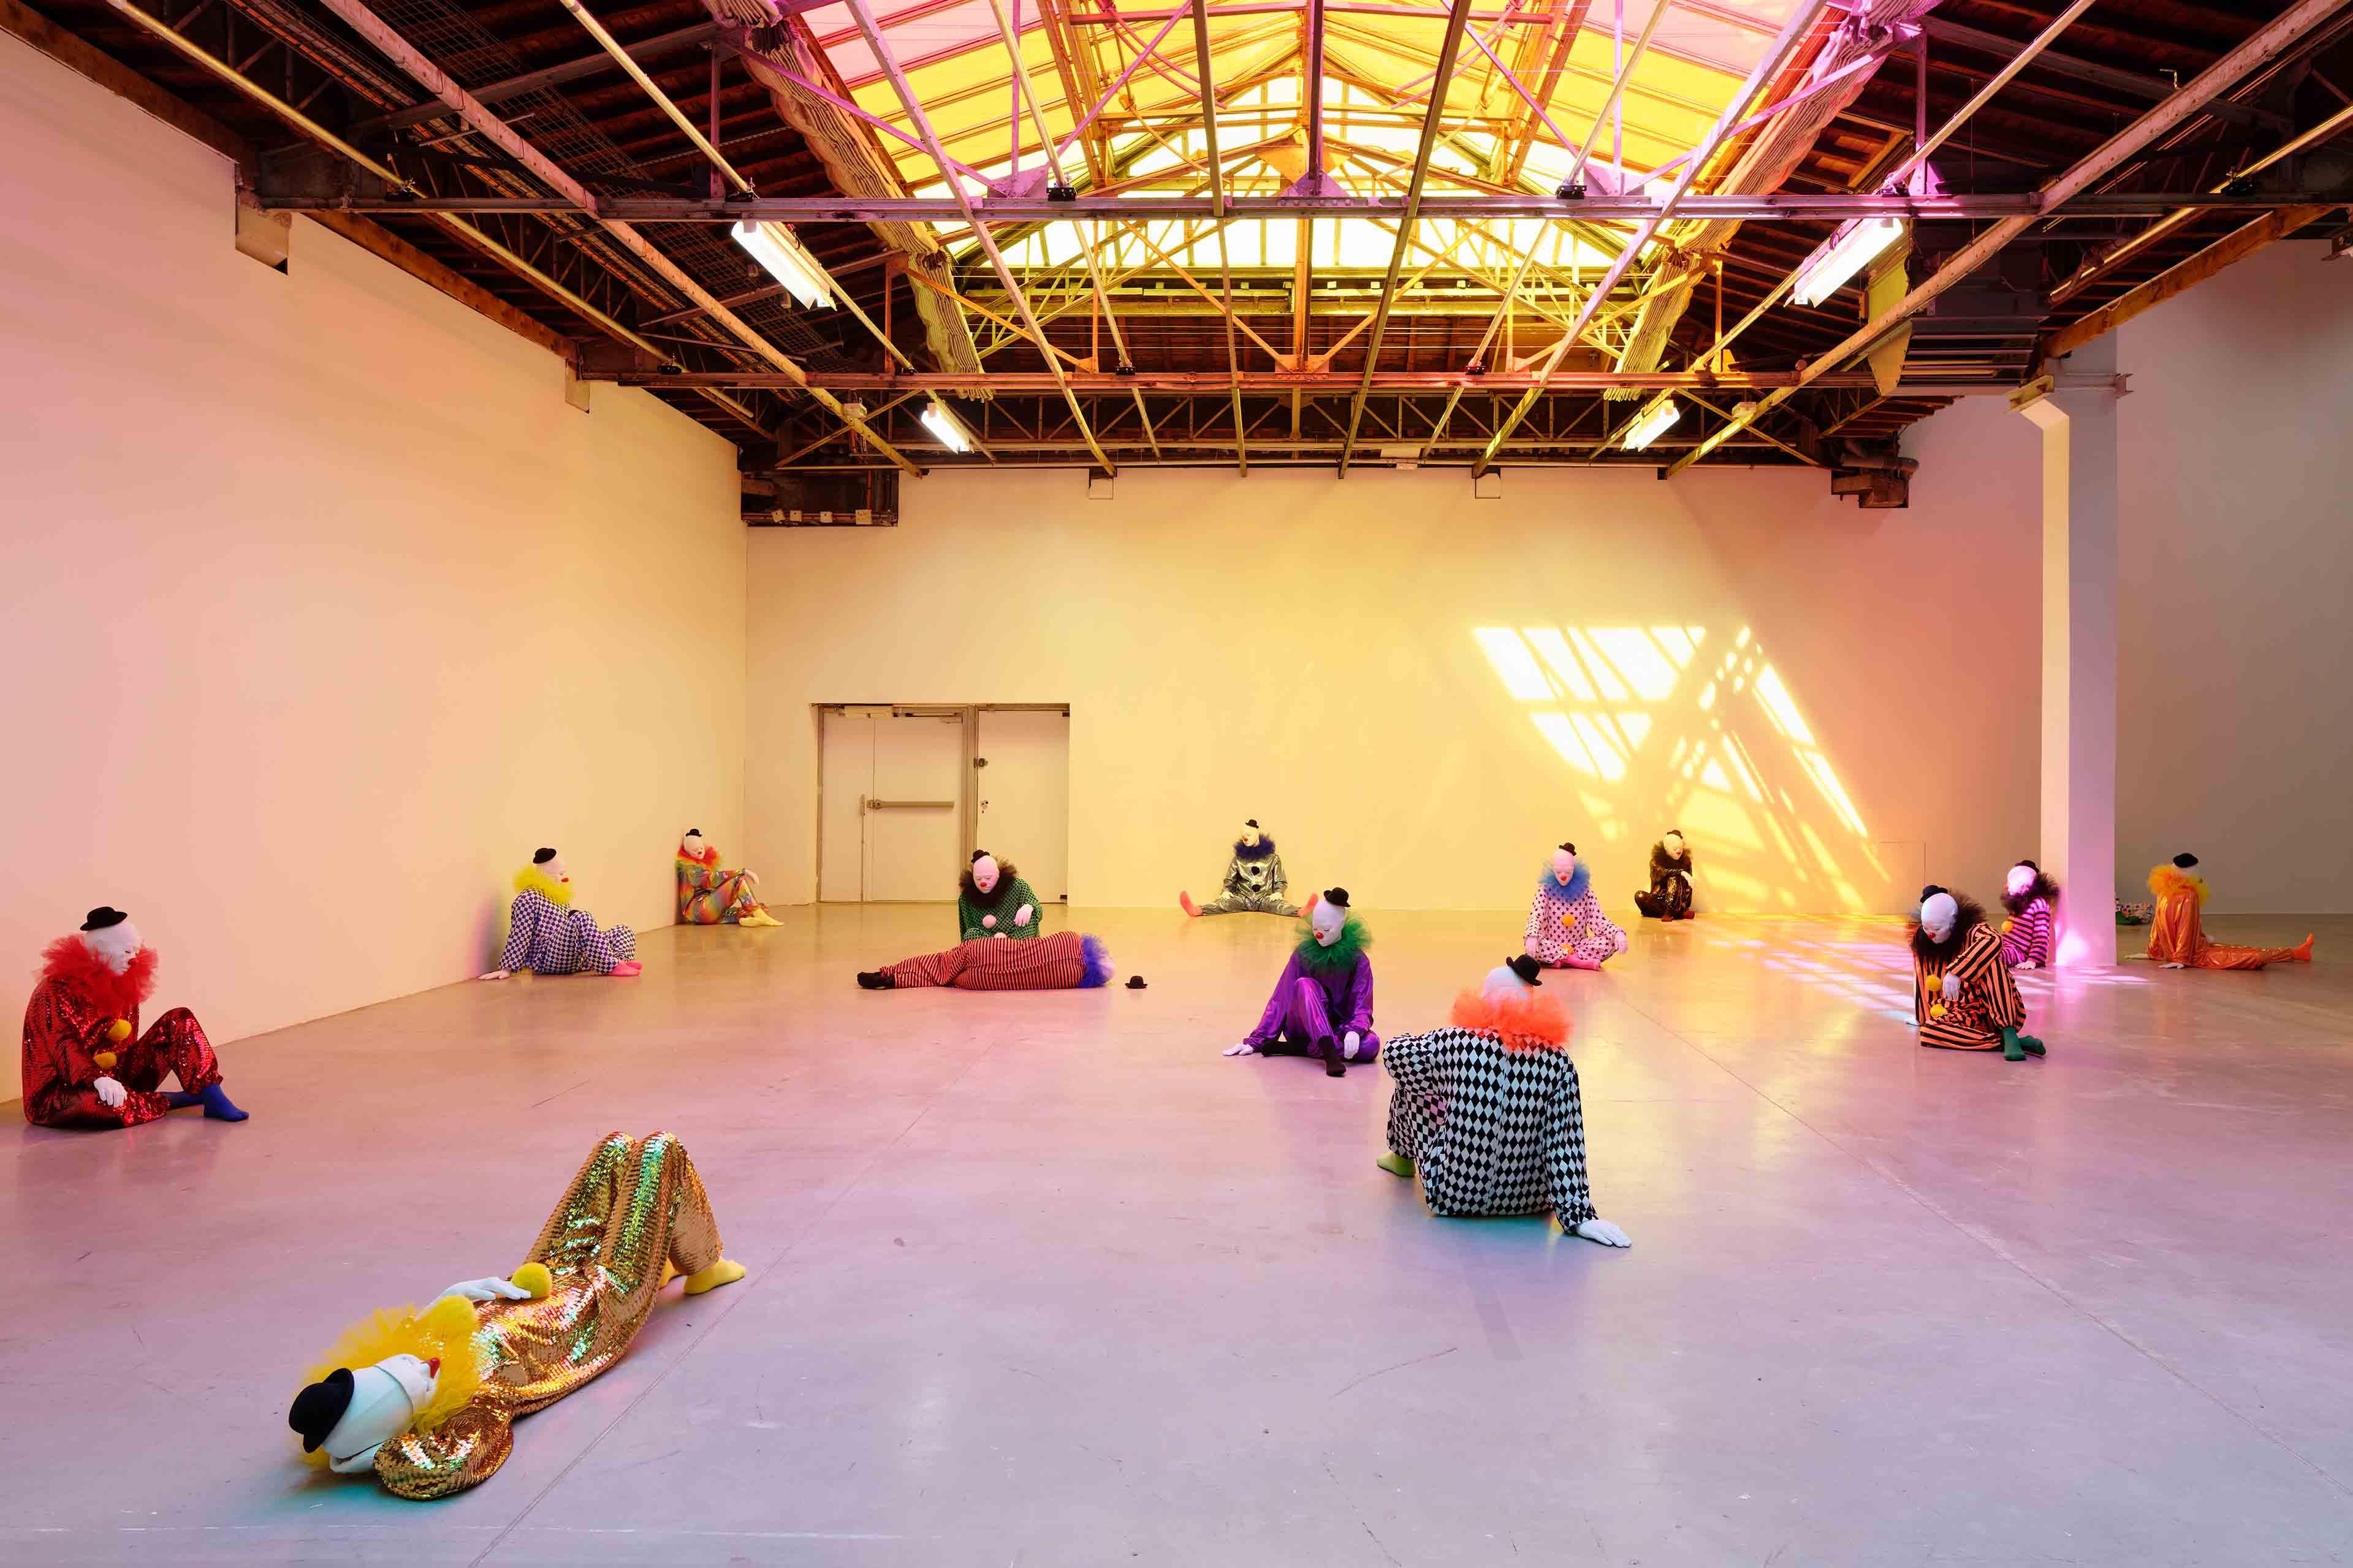 """Vue de l'exposition  """"Encore un jour banane pour le poisson-rêve"""" dont Clément Cogitore est le dramaturge, Ugo Rondinone,  """"Vocabulary of Solitude"""", 2014-2016 40 sculptures. Mousse Polystyrène, résine époxy, tissu. Dimensions variables. Courtesy of the artist et Galerie Eva Presenhuber (Zurich), Gladstone Gallery (New York – Bruxelles), Sadie Coles HQ (Londres), Kamel Mennour (Paris – Londres), Esther Schipper (Berlin) Palais de Tokyo. Photo : Aurélien Mole"""